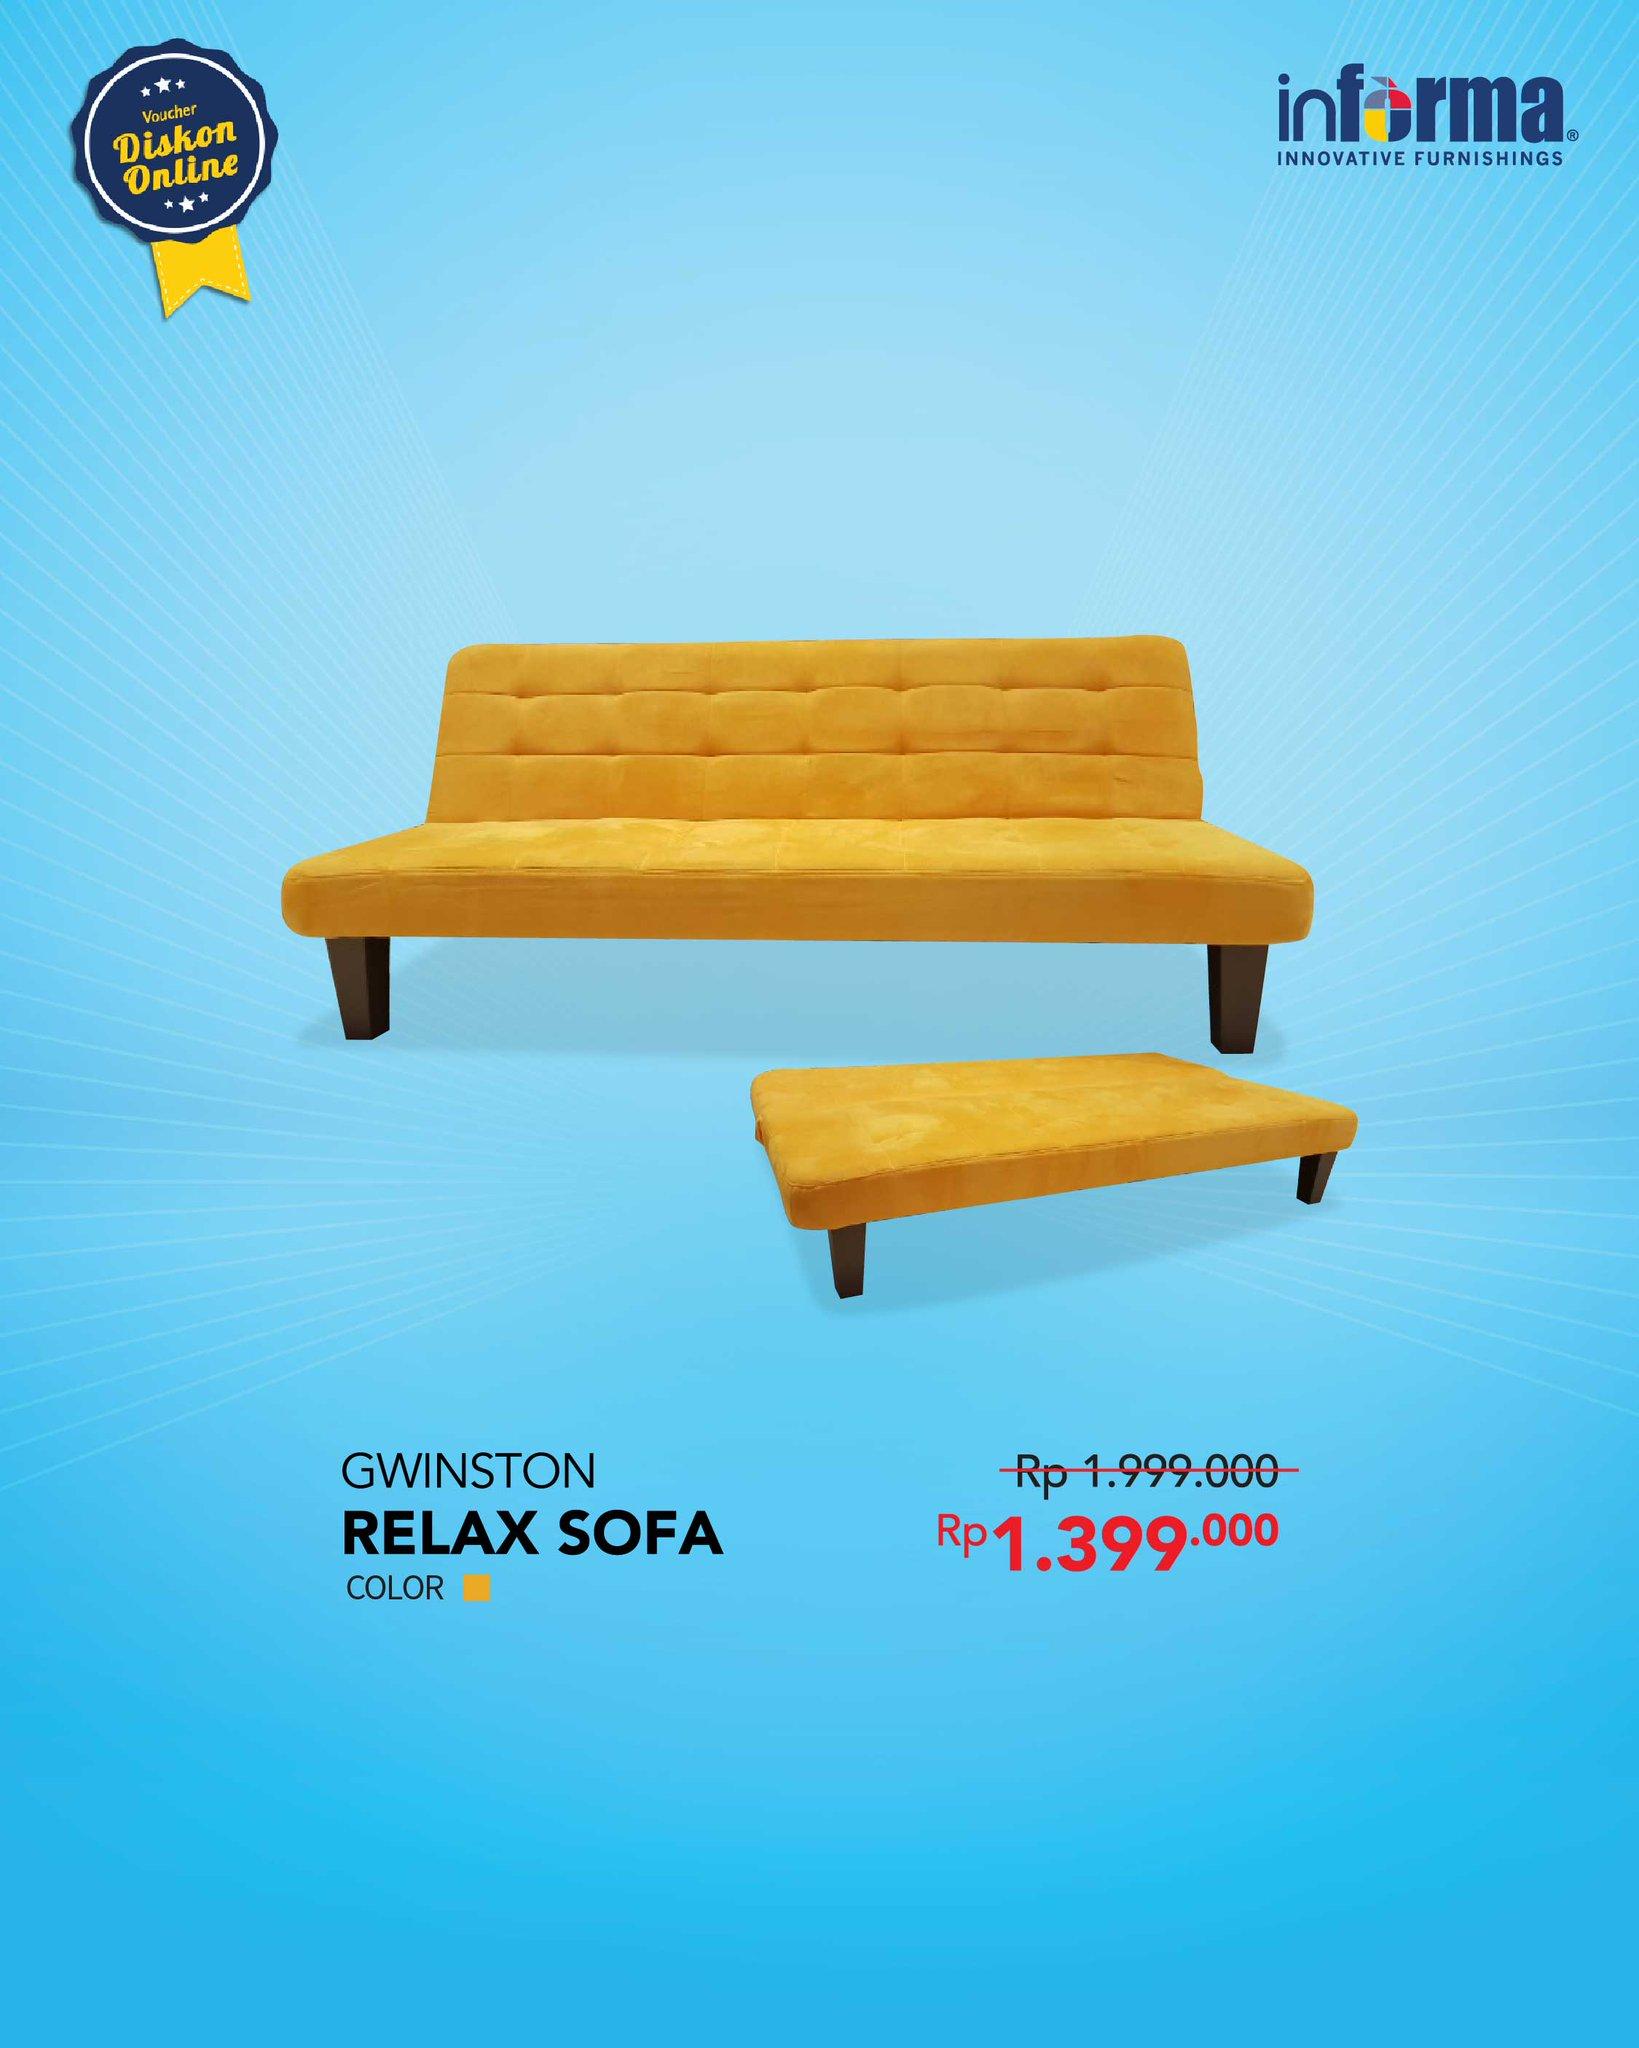 Informa On Twitter Permukaannya Yang Halus Membuat Relax Sofa